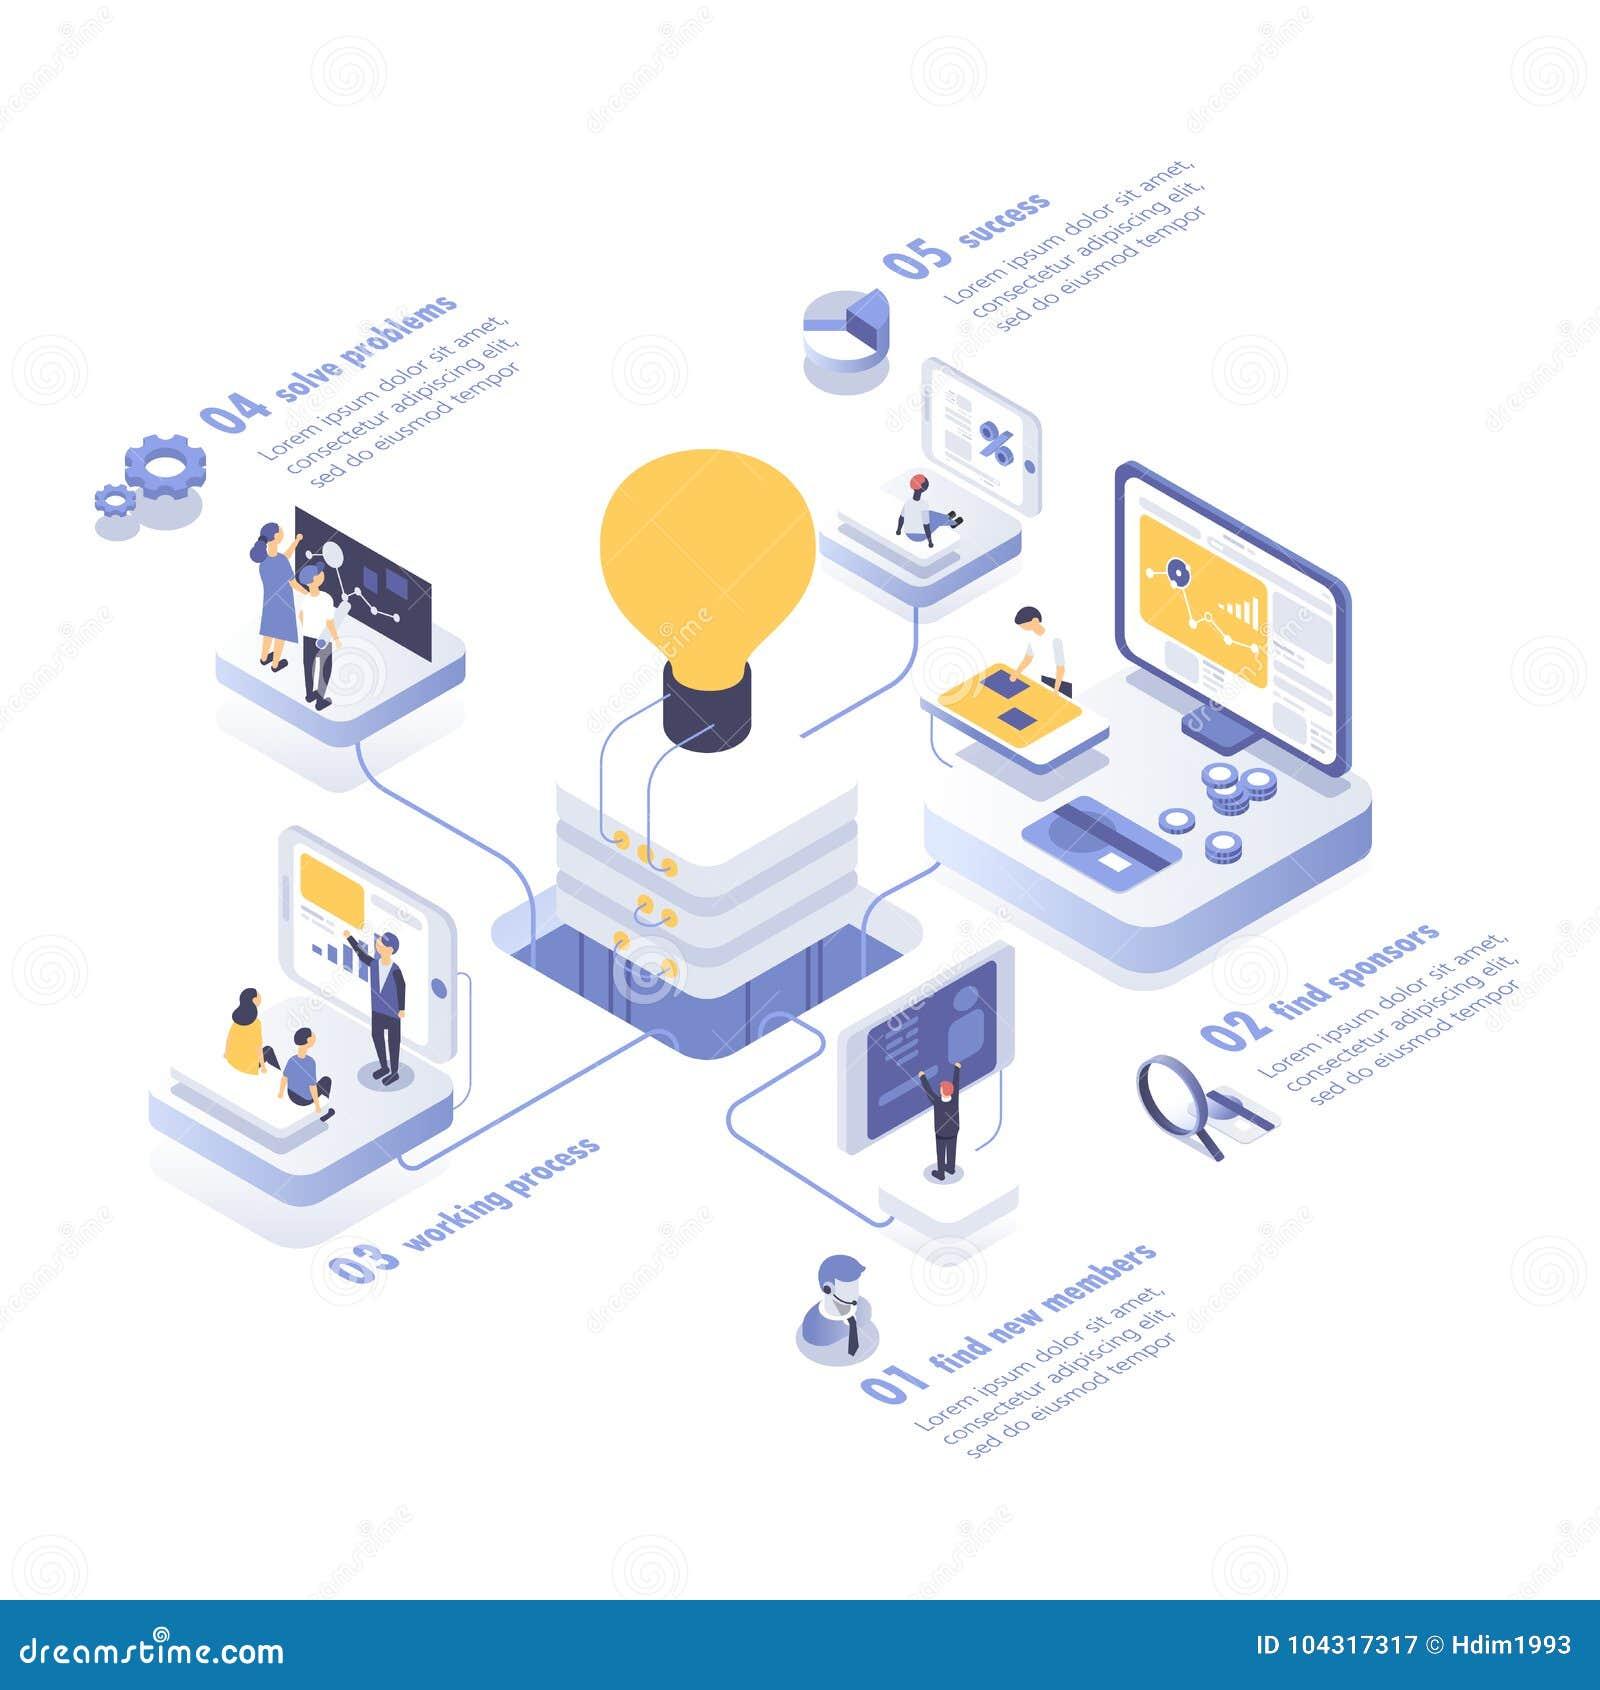 Οι άνθρωποι εργάζονται σε μια ομάδα και επιτυγχάνουν το στόχο Έννοια ξεκινήματος Προωθήστε ένα νέο προϊόν σε μια αγορά Isometric